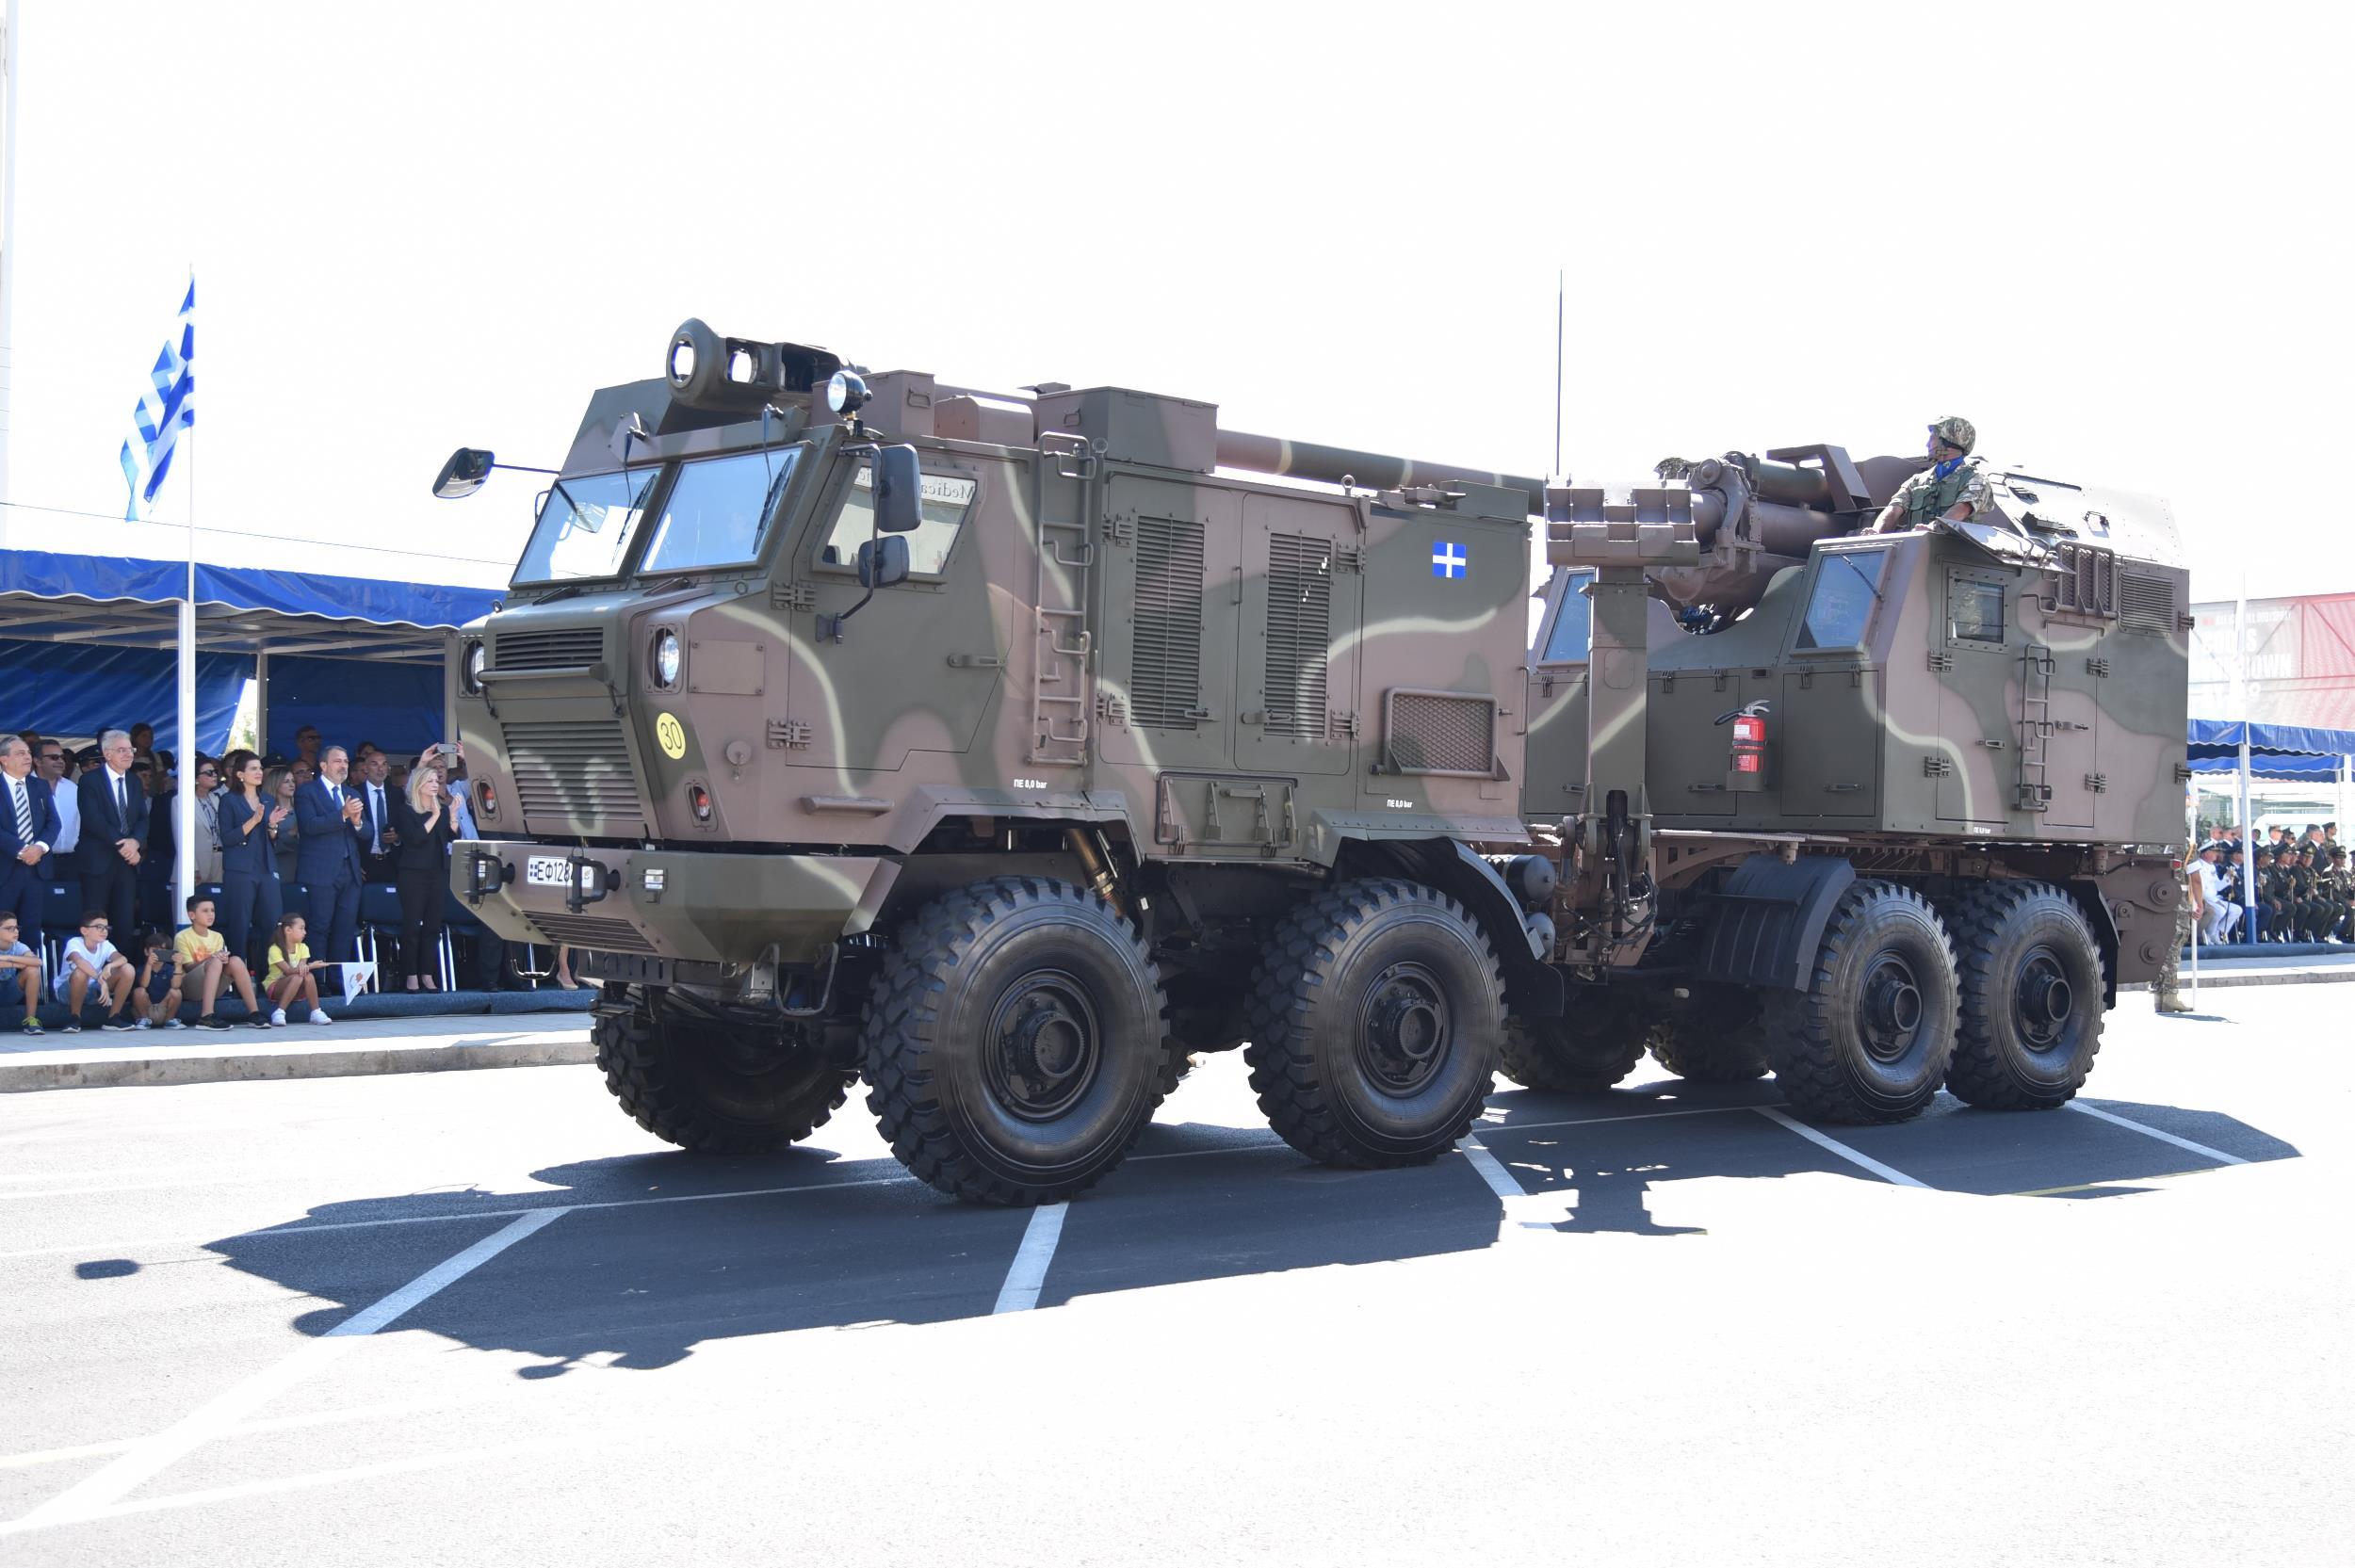 Кипр получил новое вооружение сербского производства